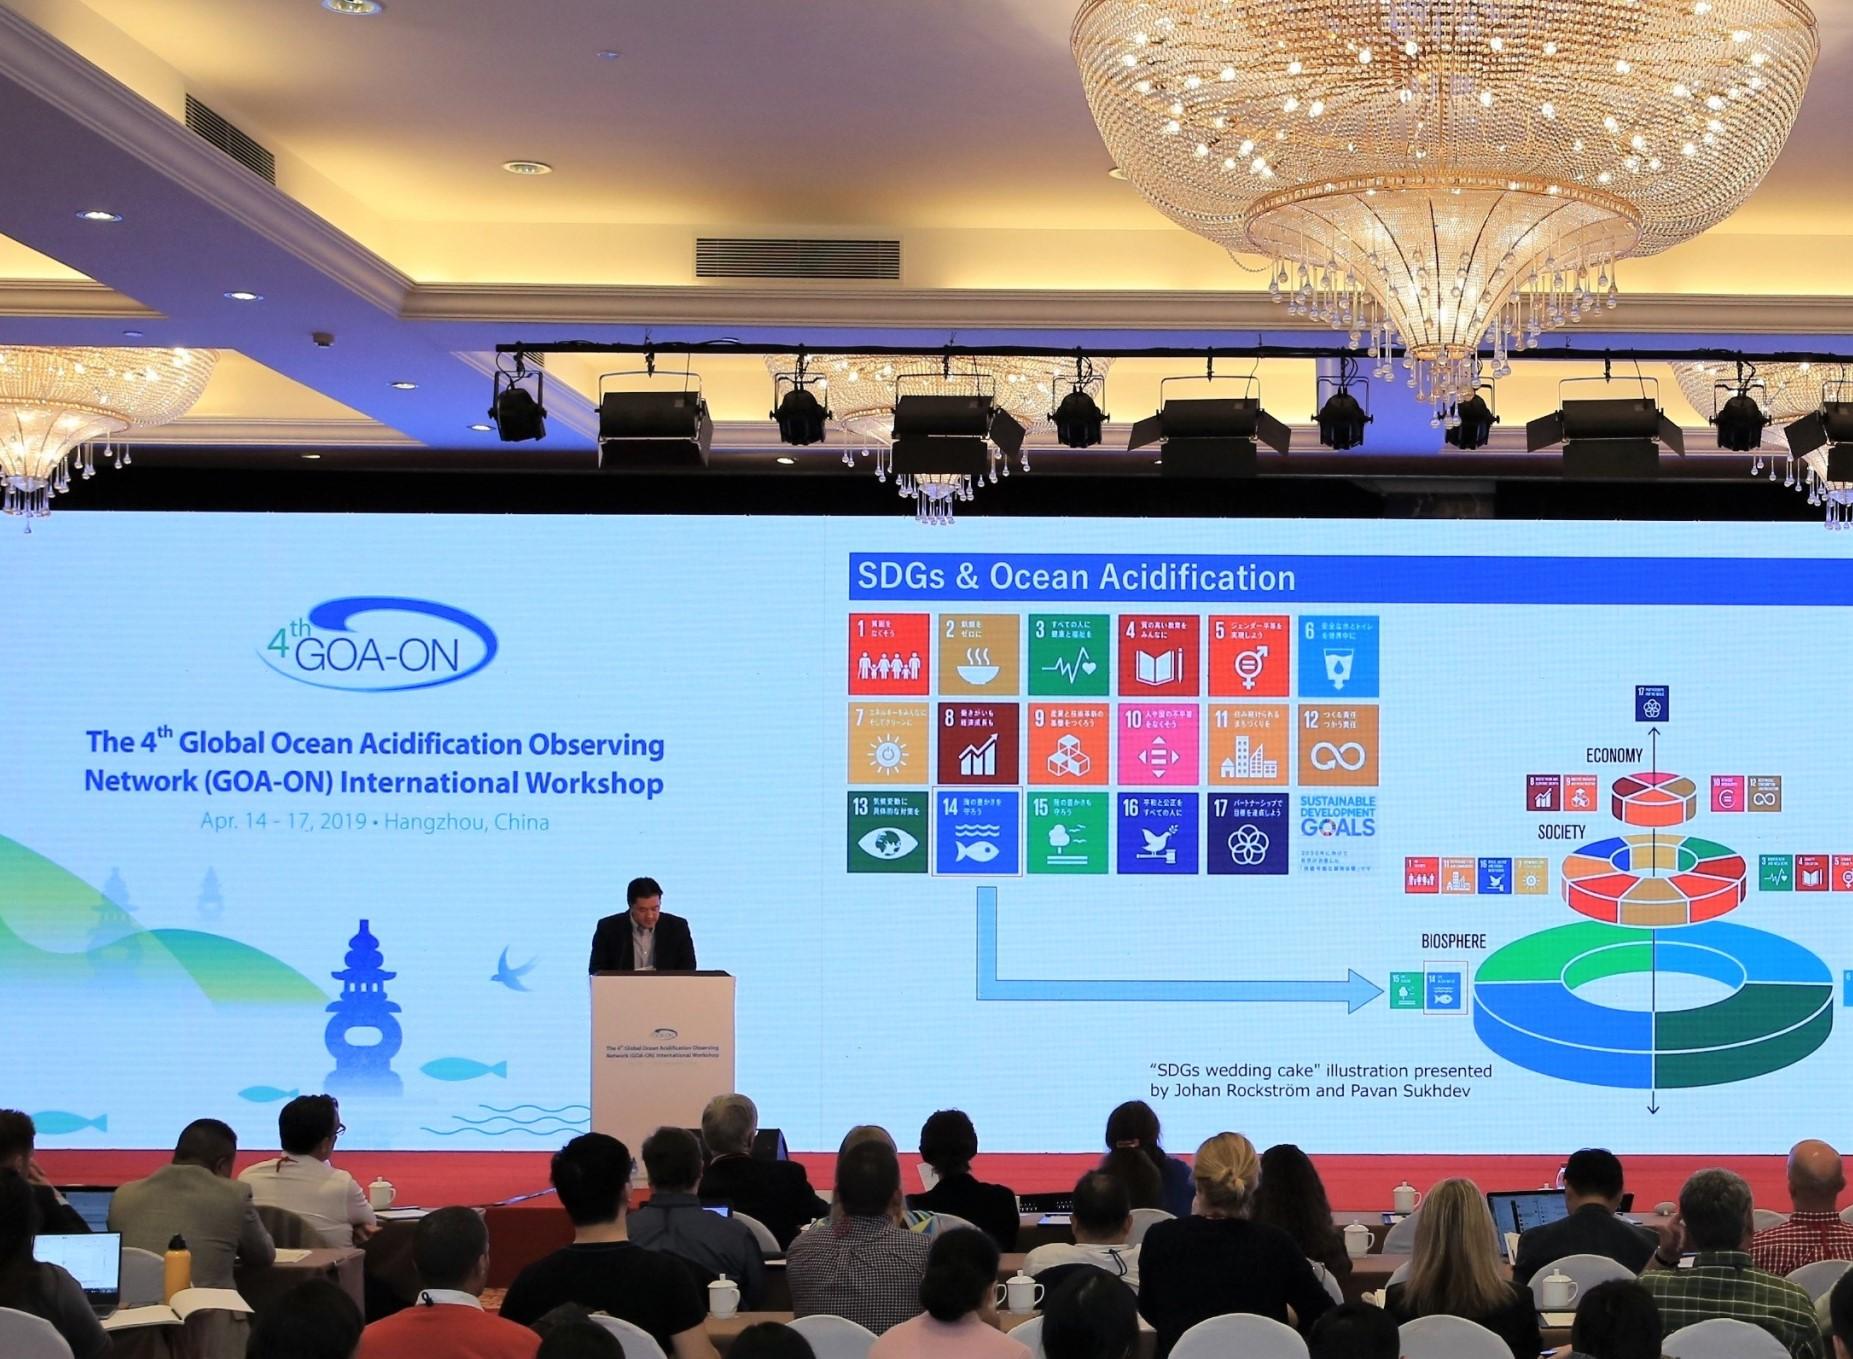 (キャプション)海洋酸性化に関する国際ワークショップでの発表の様子(2019年4月)